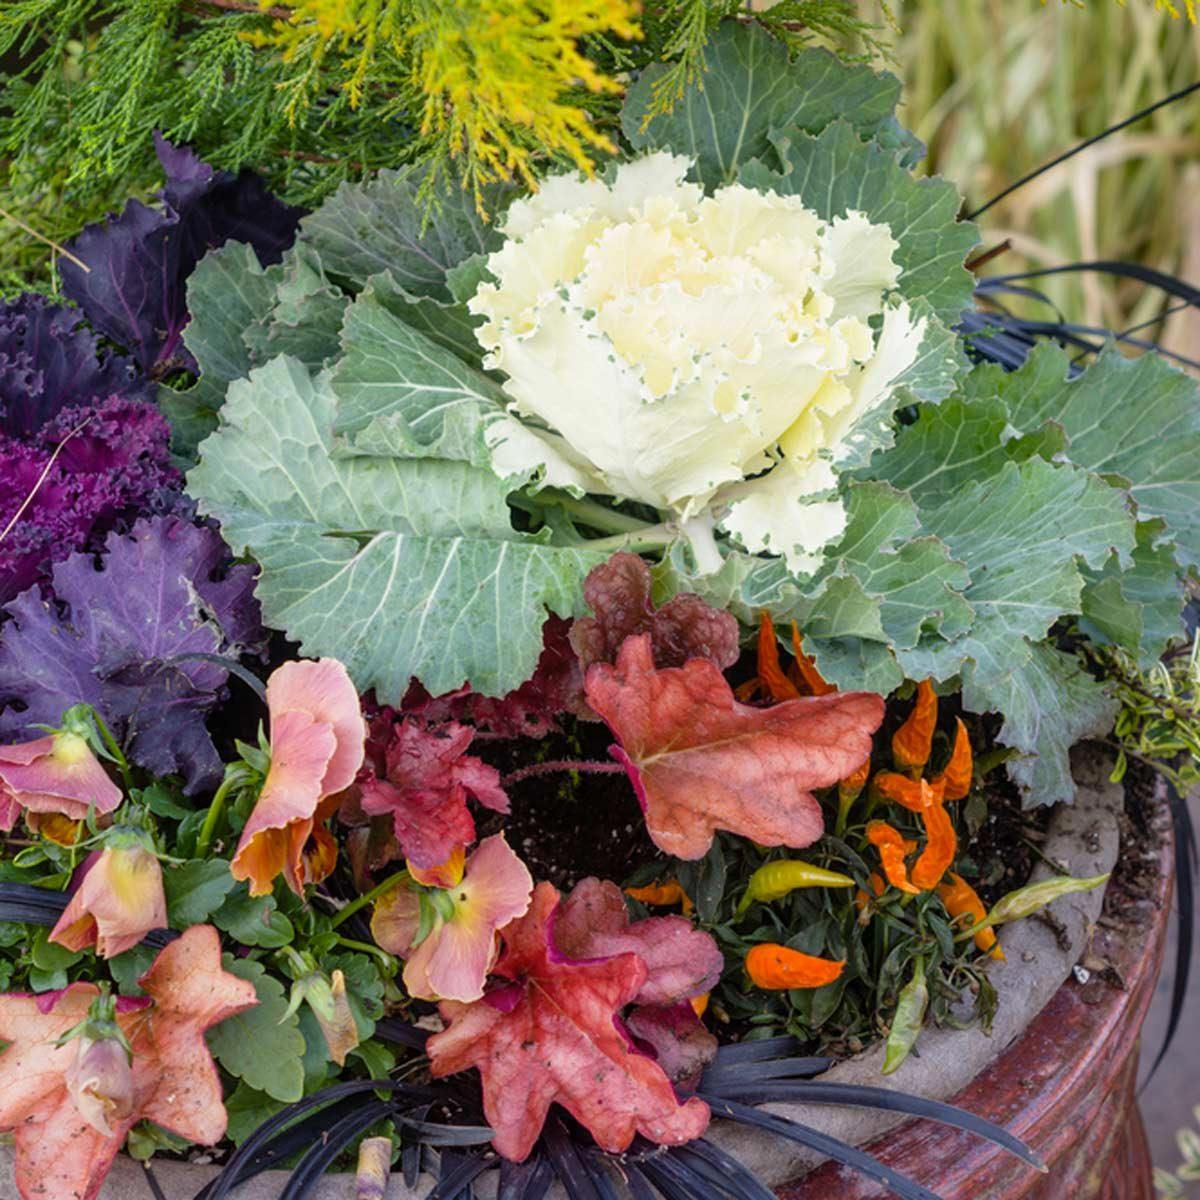 Aménagement paysager : pensez feuillage, pas fleurs.